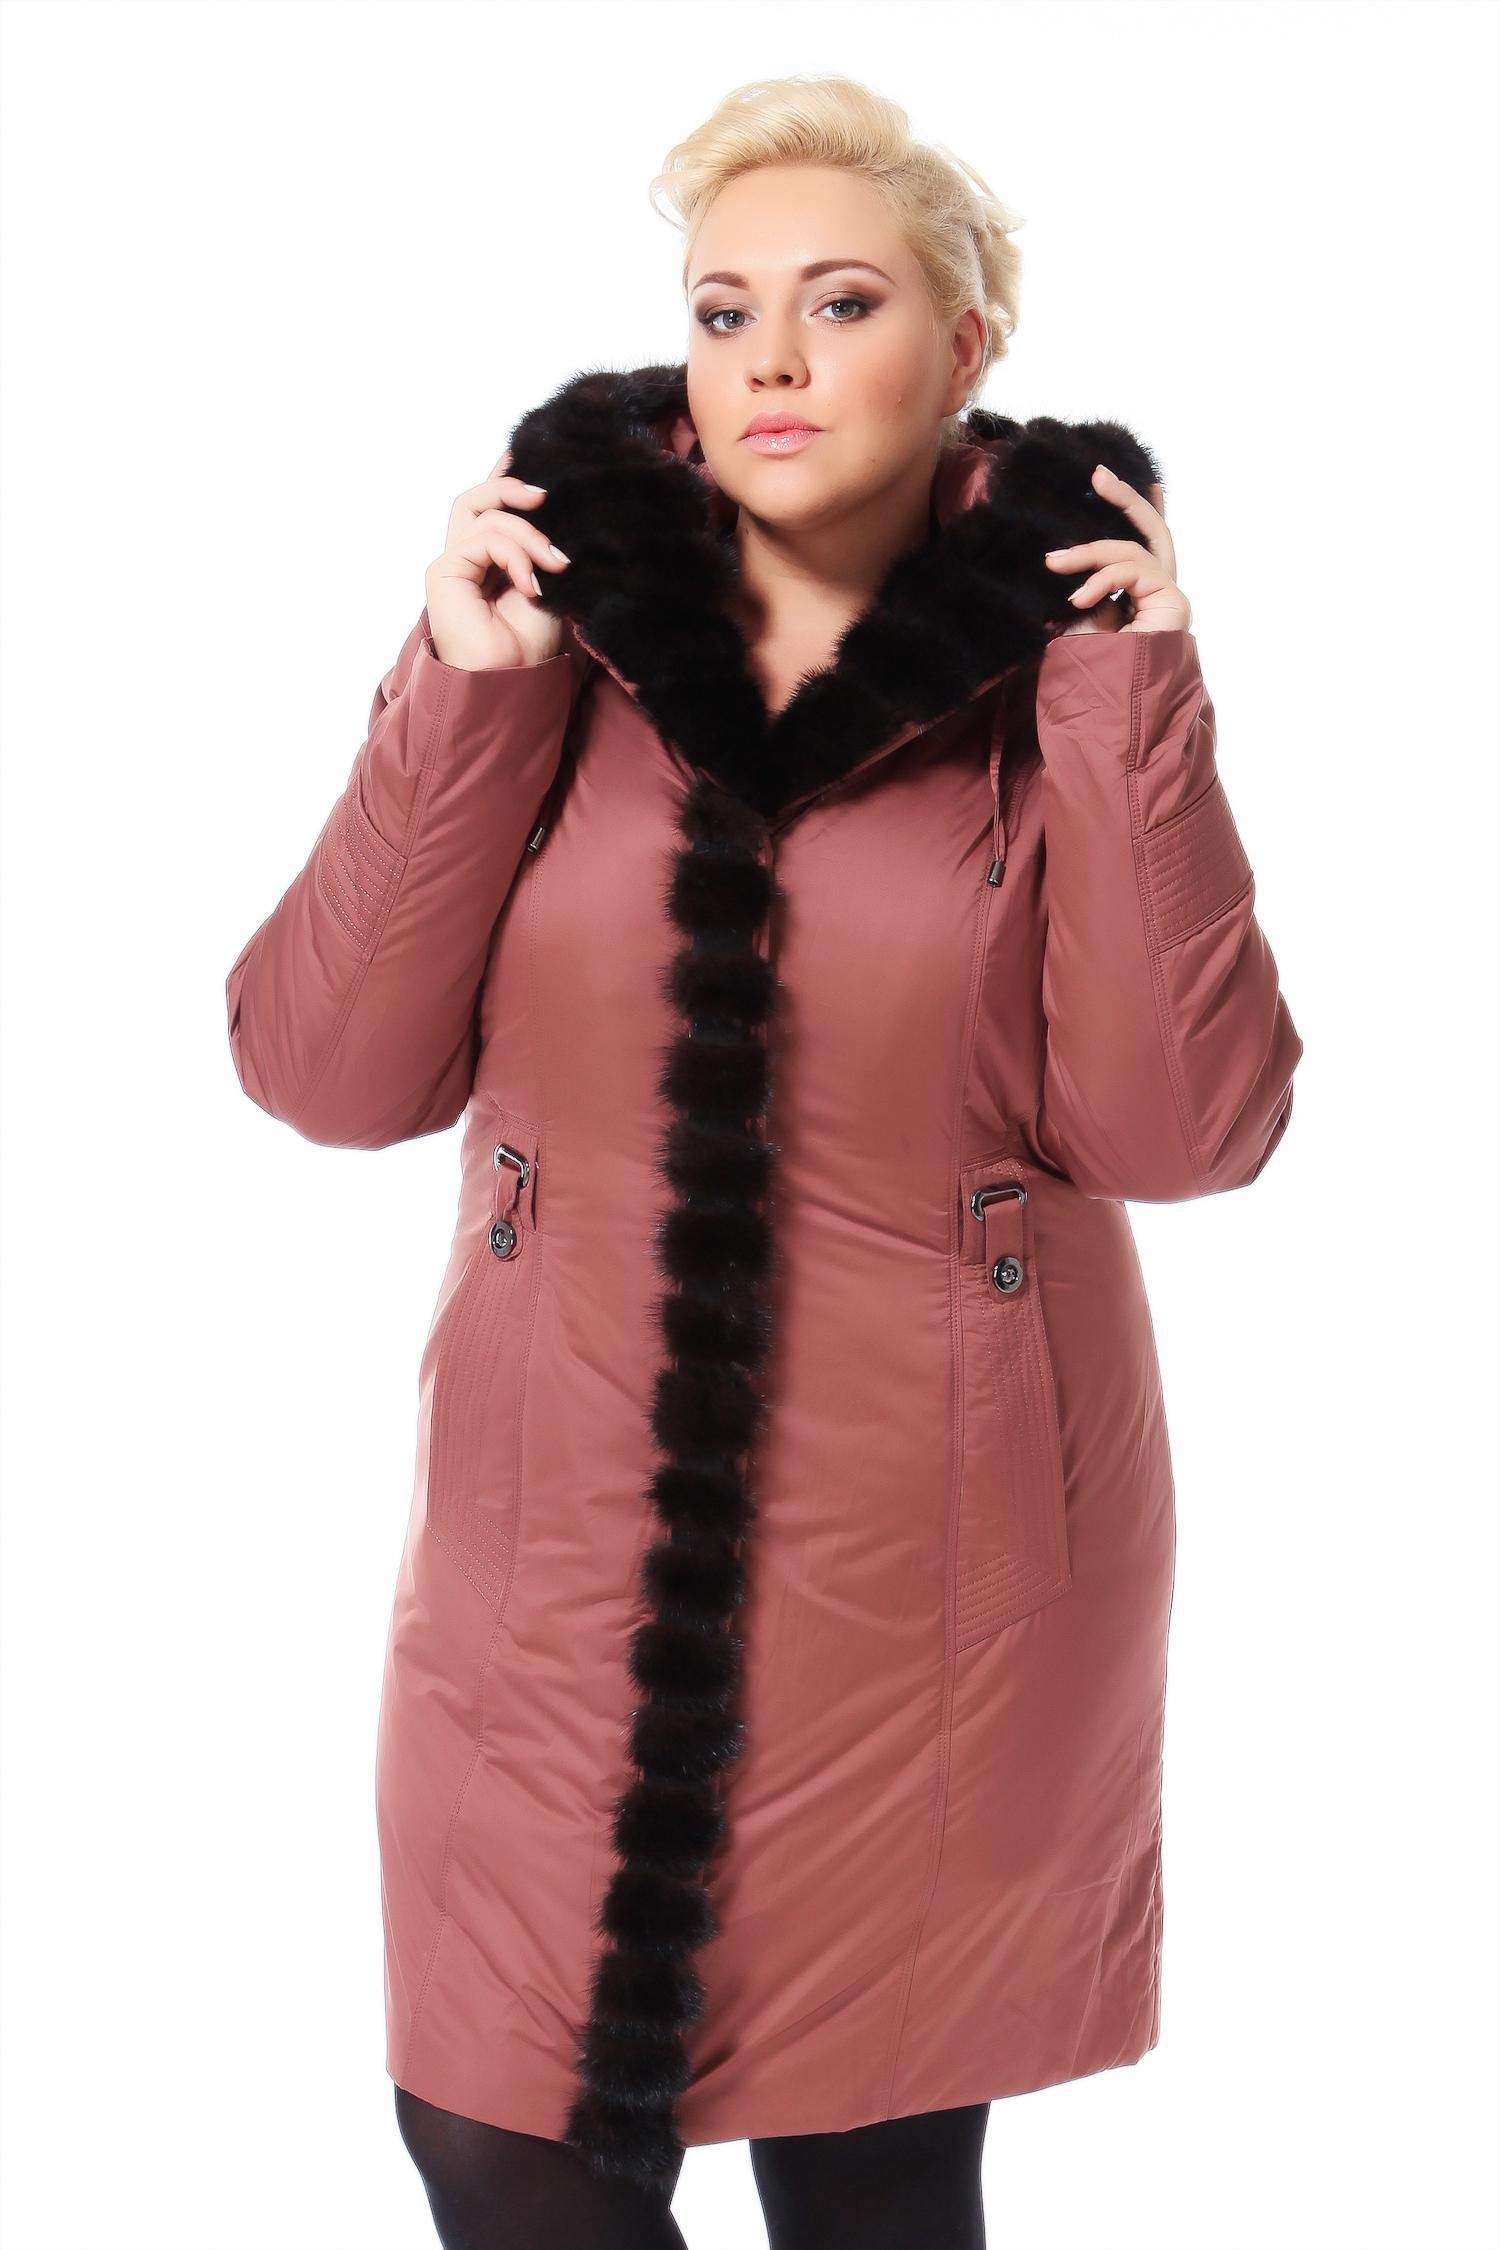 Пальто на меху с капюшоном, отделка норкаЦвет  сливочно-брусничный.<br><br>Пальто-пихора сшито из полиэстера. Отделка выполнена из меха норки. В качестве утеплителя использован синтепон, а также подстежка из меха кролика.<br><br>Модель идеально сядет на изящную фигуру, а также дамы округлых форм смогут себя чувствовать в ней достаточно комфортно. За счет использования инновационных технологий, пальто из полиэстера на подкладке из меха кролика такое легкое, что его вес практически не чувствуется на плечах. Глубокий капюшон выручит в отсутствие головного убора, ведь при такой роскошной меховой отделке вряд ли Вам захочется носить на голове что-то другое. Мех норки греет, и украшает придавая особый шарм застежке модели. Пальто-пихора идеально подходит для холодного времени года, благодаря тому, что отталкивает воду и не пропускает ветер, легко чистится, а для городских зим  это весьма актуально.<br><br>Воротник: капюшон<br>Длина см: Длинная (свыше 90)<br>Материал: Текстиль<br>Цвет: коричневый<br>Пол: Женский<br>Размер RU: 50